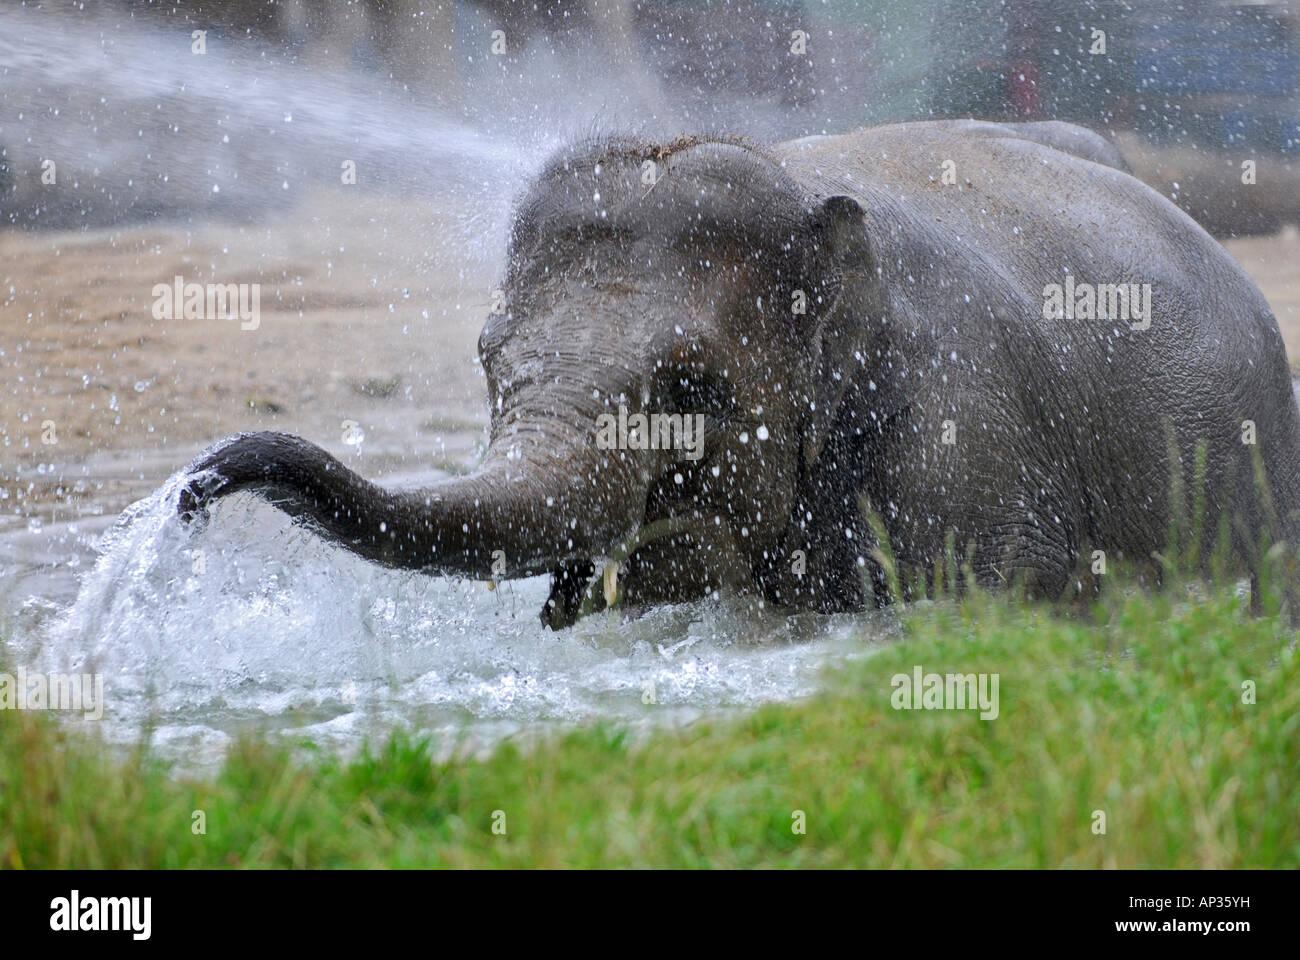 Elephant di balneazione in acqua in zoo di Monaco, Tierpark Hellabrunn, Baviera, Germania Immagini Stock